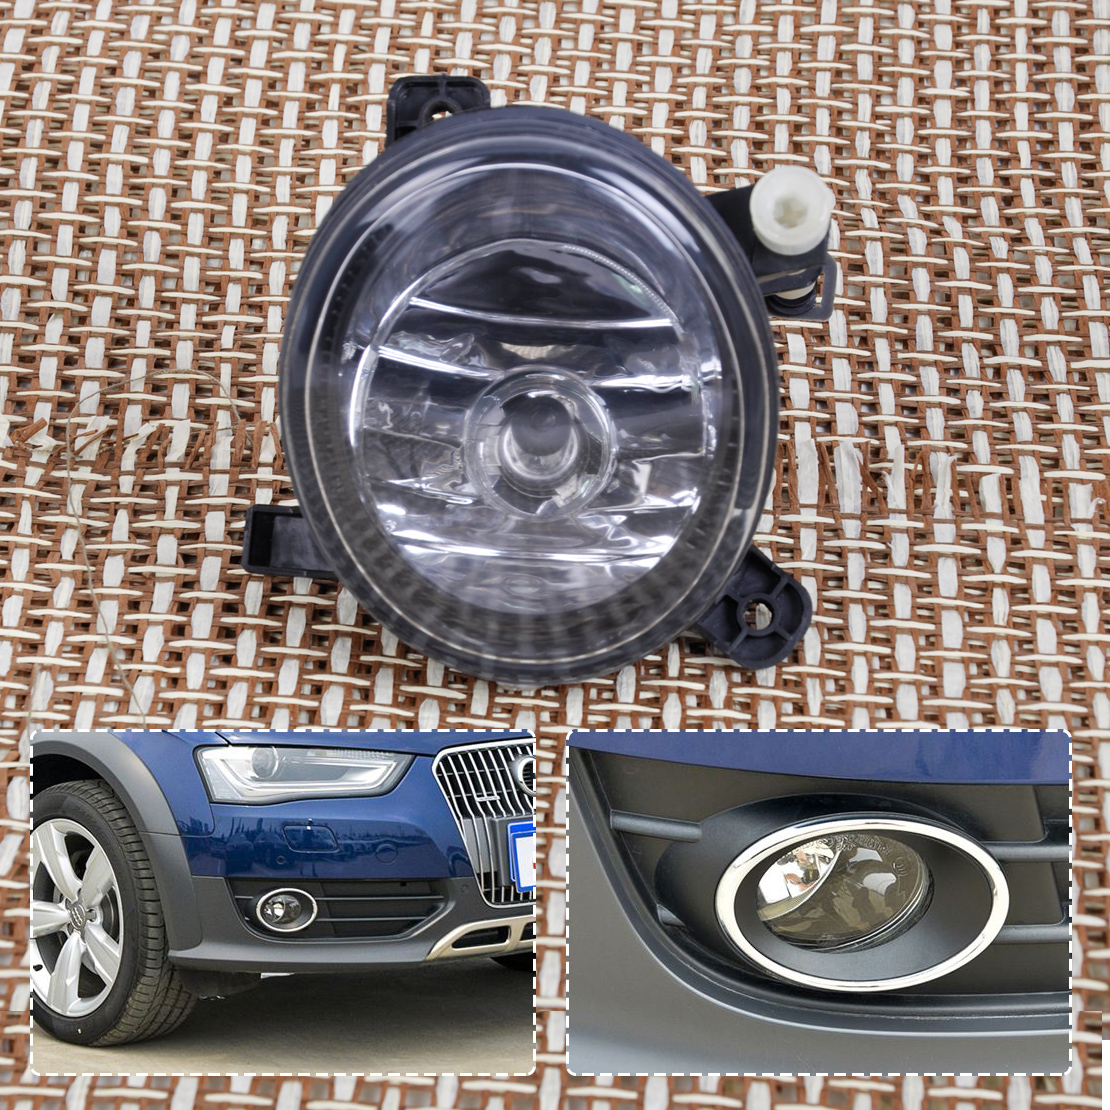 beler 1Pc New Black 12V 8T0941700B 8T0941700B Front Right Fog Light Lamp for Audi A4 B8 Allroad A6 C6 S6 Q5 A5 S5 доска для объявлений dz 1 2 j8b [6 ] jndx 8 s b